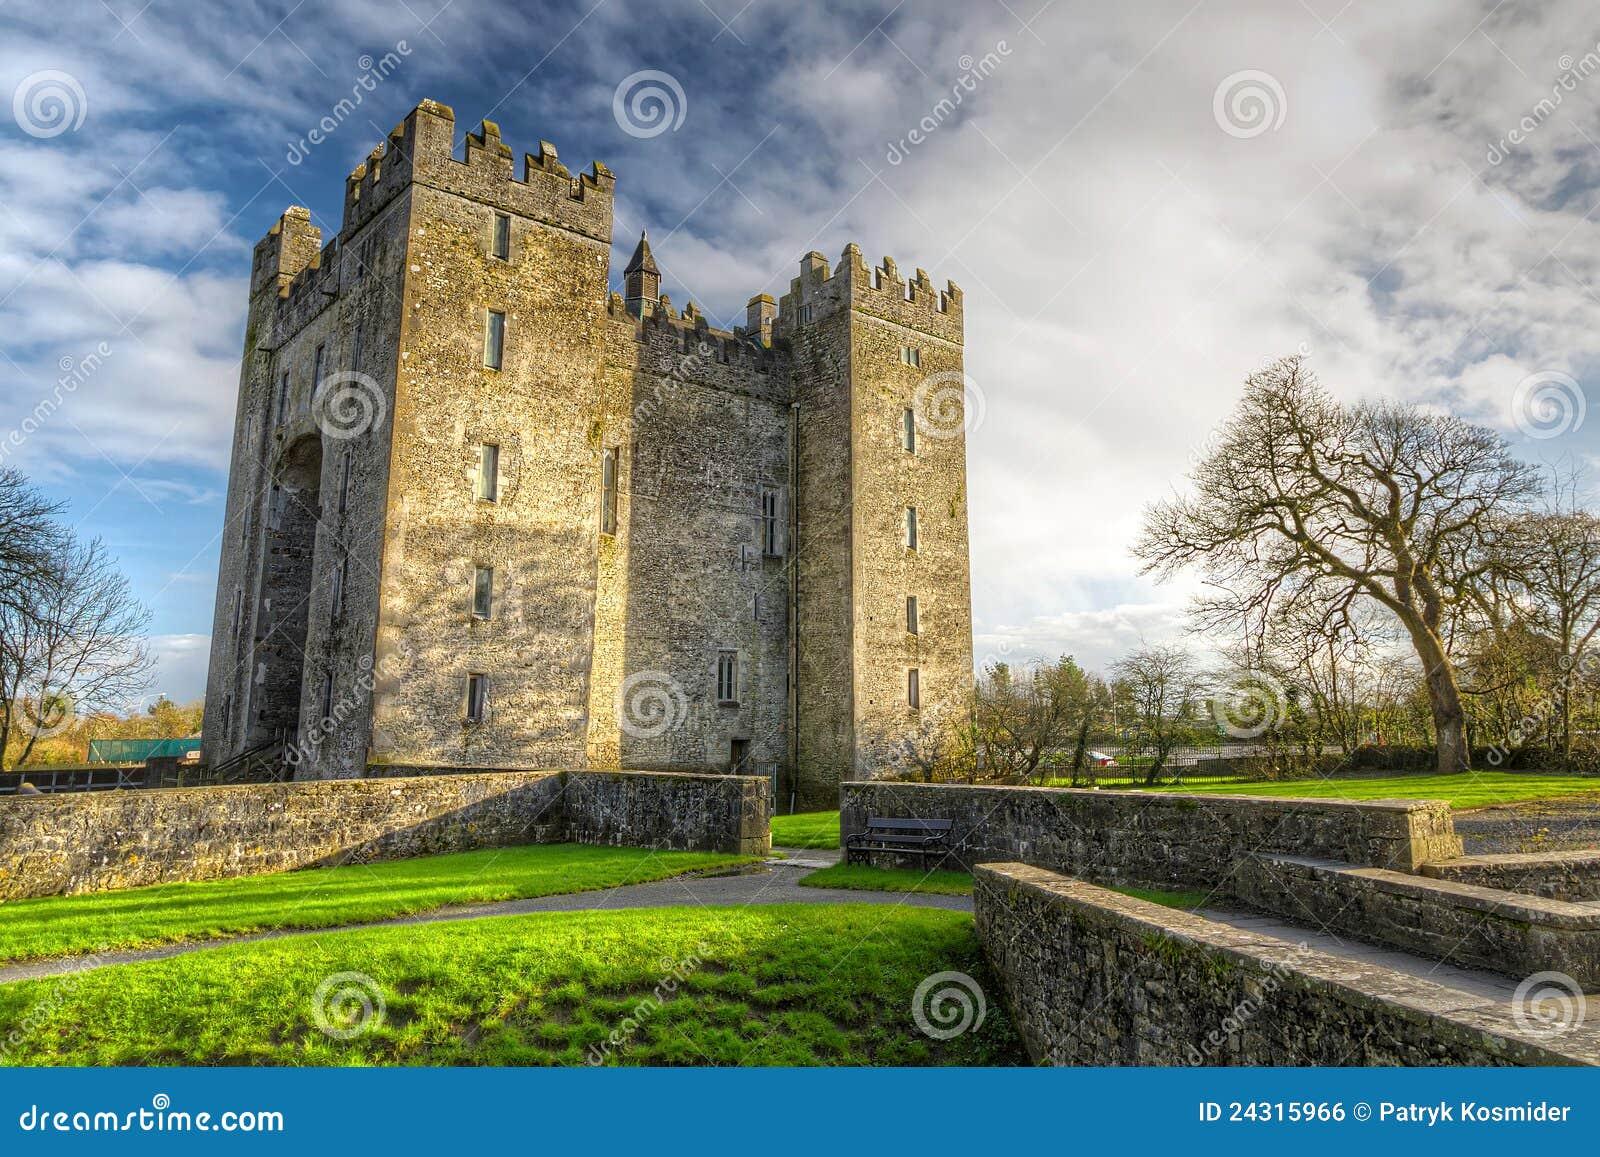 Castelo de Bunratty em Co. Clare